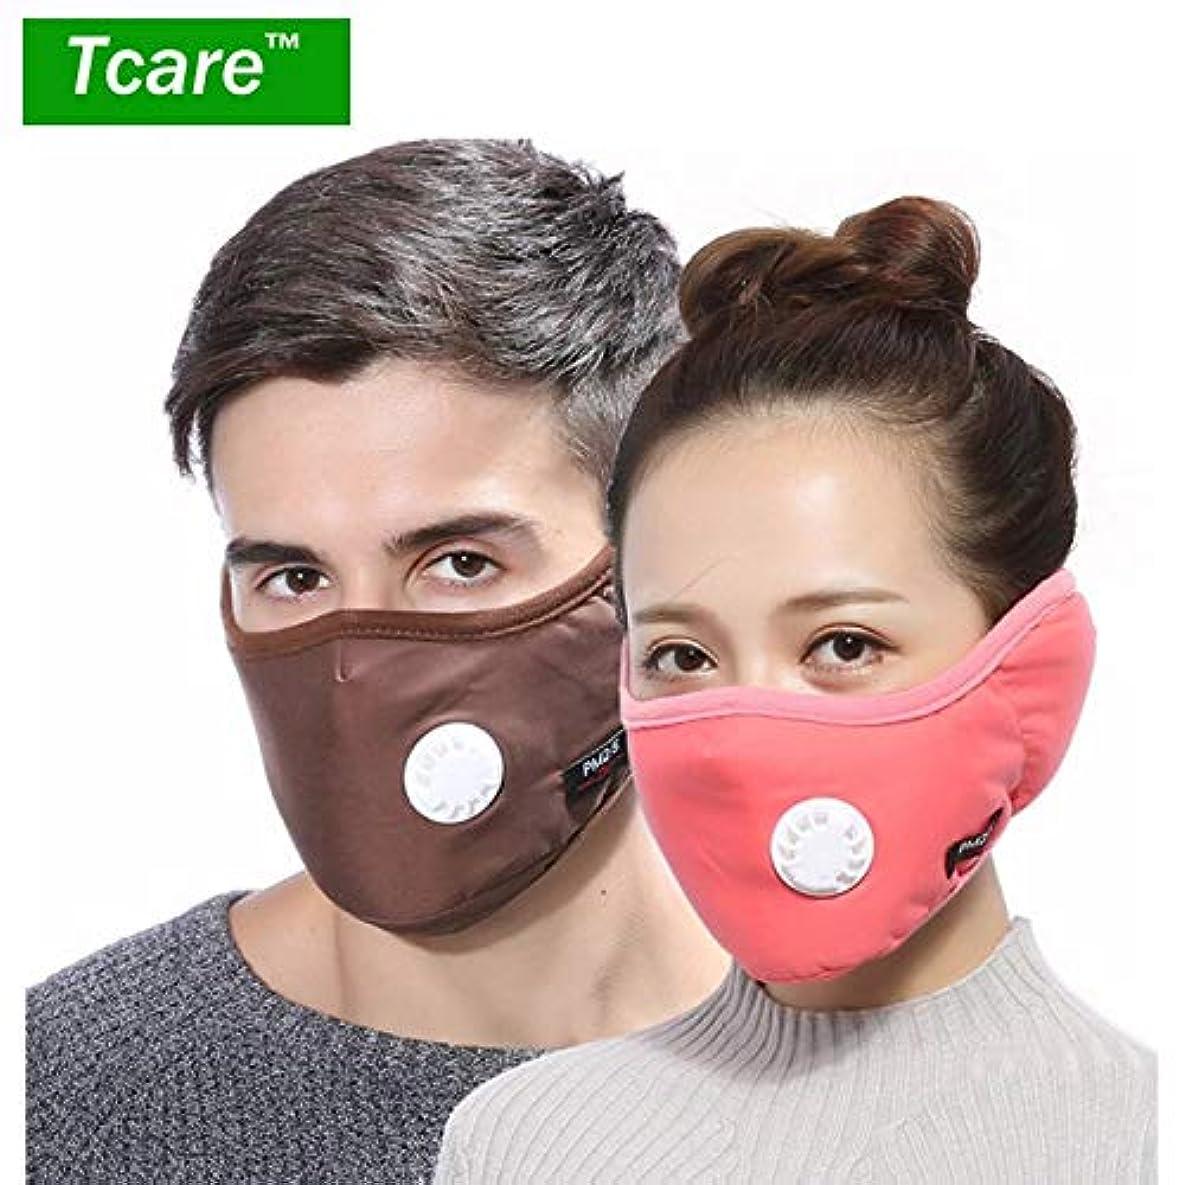 法廷受け皿キウイTcare 2 1におけるPM2.5マスクバルブコットンアンチダスト口マスクの冬のイヤーマフActtedフィルター付マスク:9アーミーグリーン